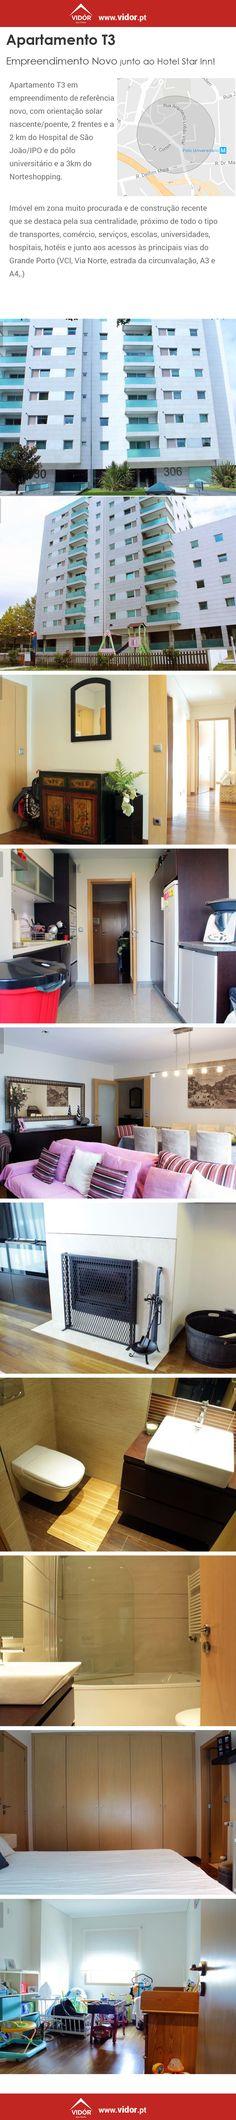 Tu guardaste em VIDÓR | Real Estate Contacte-nos: geral@vidor.pt | 220 947 894 | www.vidor.pt